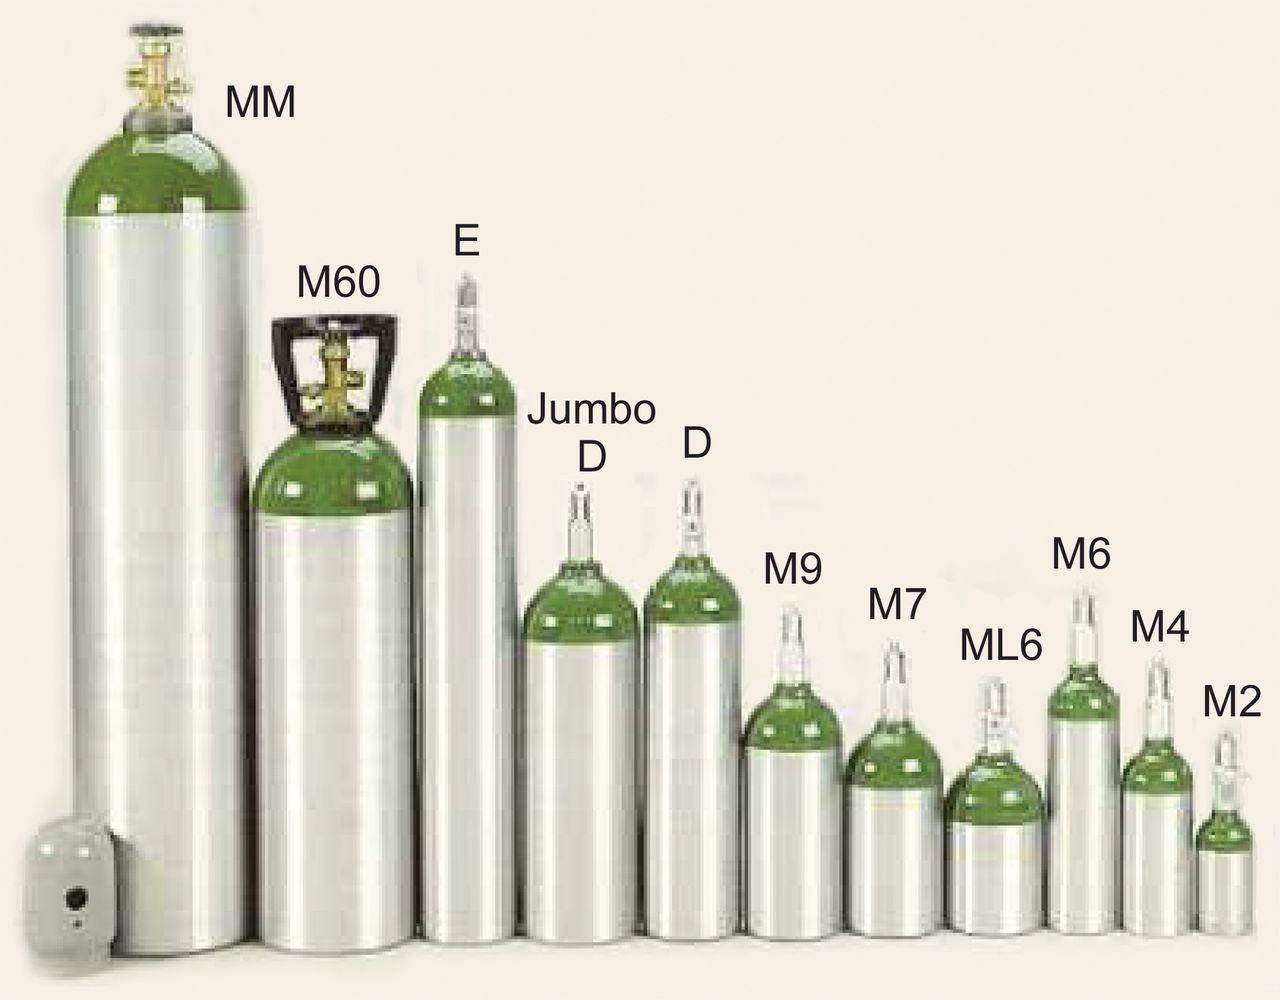 ems solutions international marca registrada  u00bfcuanto durar u00e1 el o2  oxigeno  dependiendo del Simple Wiring Diagrams flex i o wiring diagrams